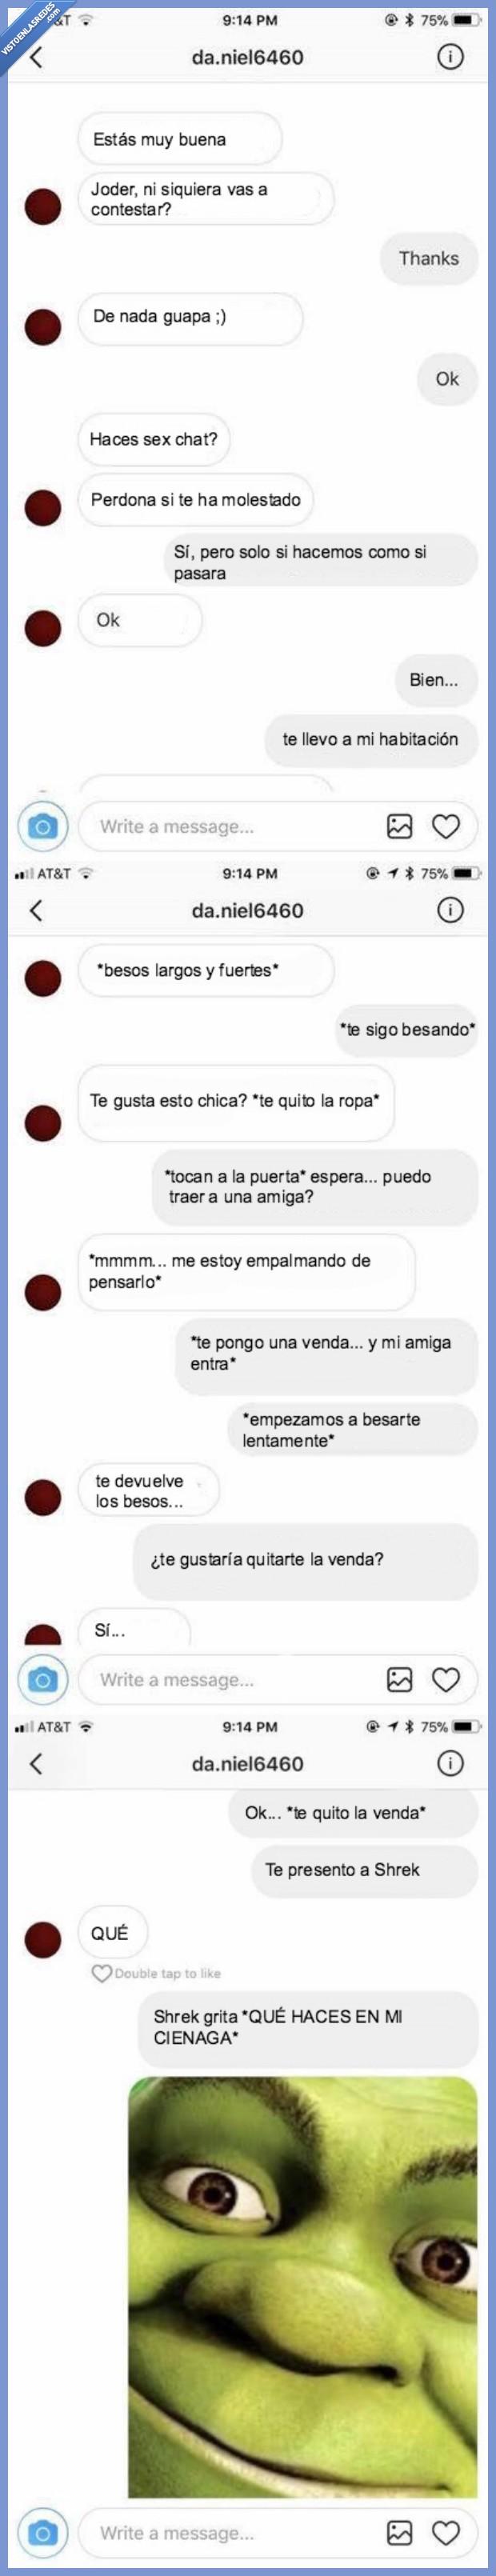 conversación,picante,z¡Zhasco